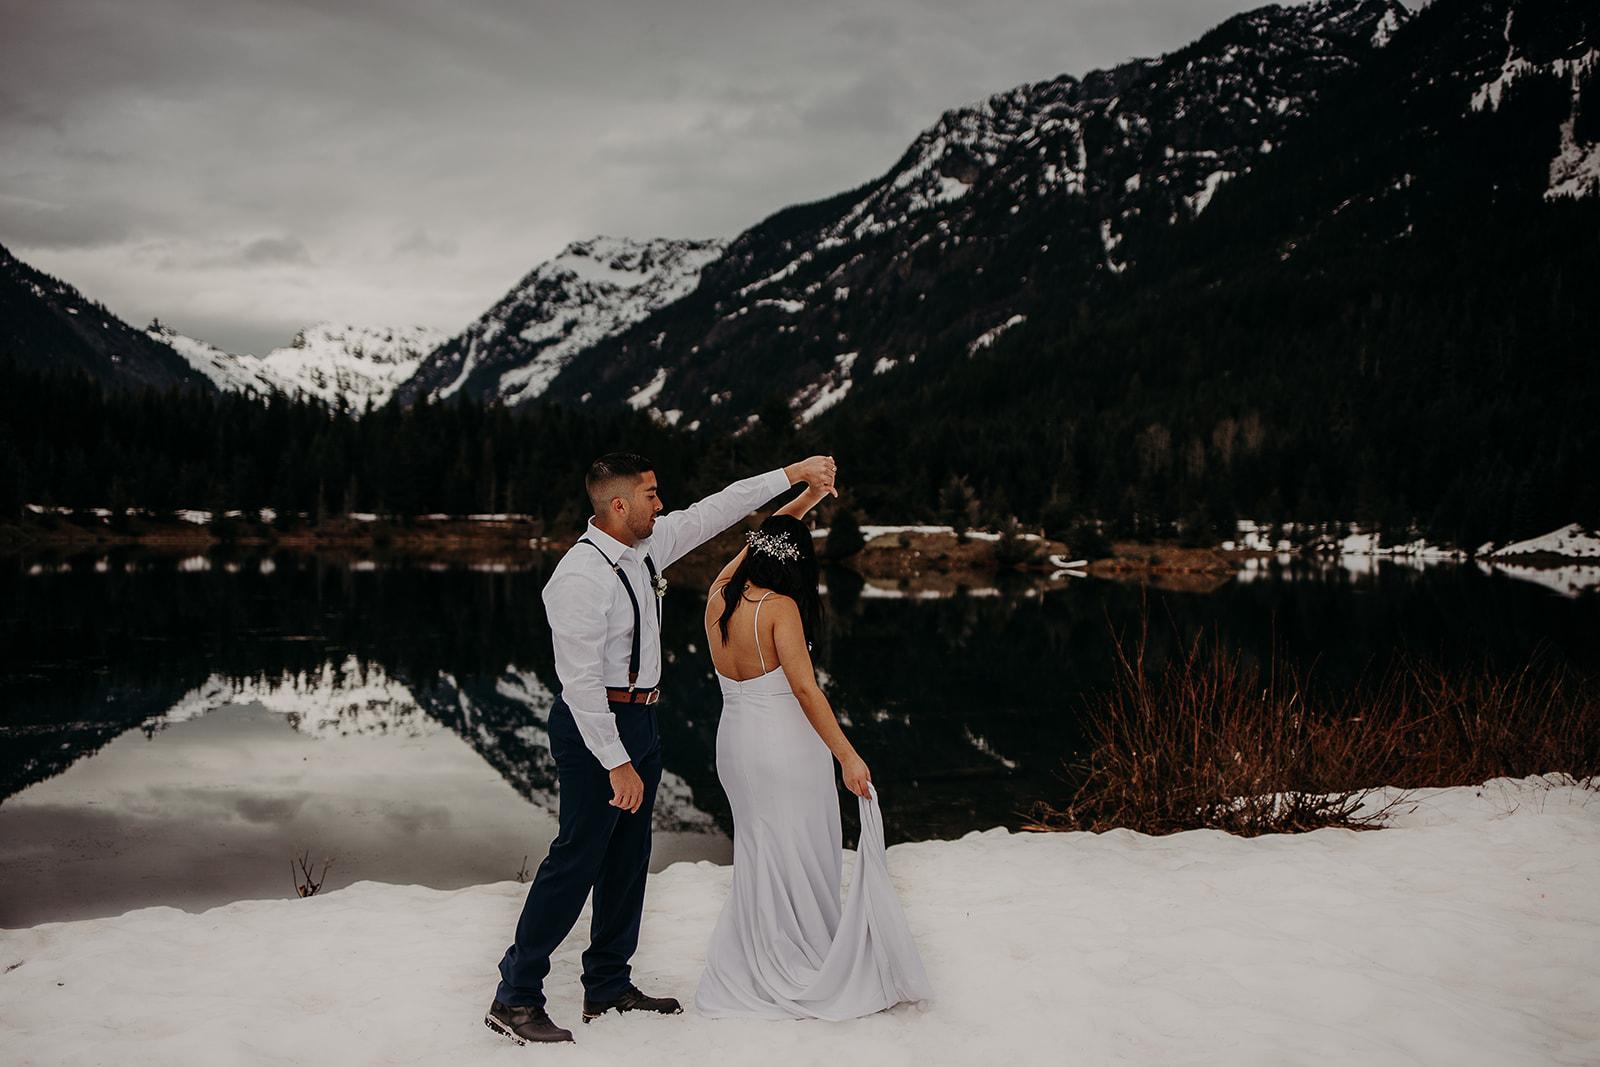 winter-mountain-elopement-asheville-wedding-photographer-megan-gallagher-photographer (25).jpg